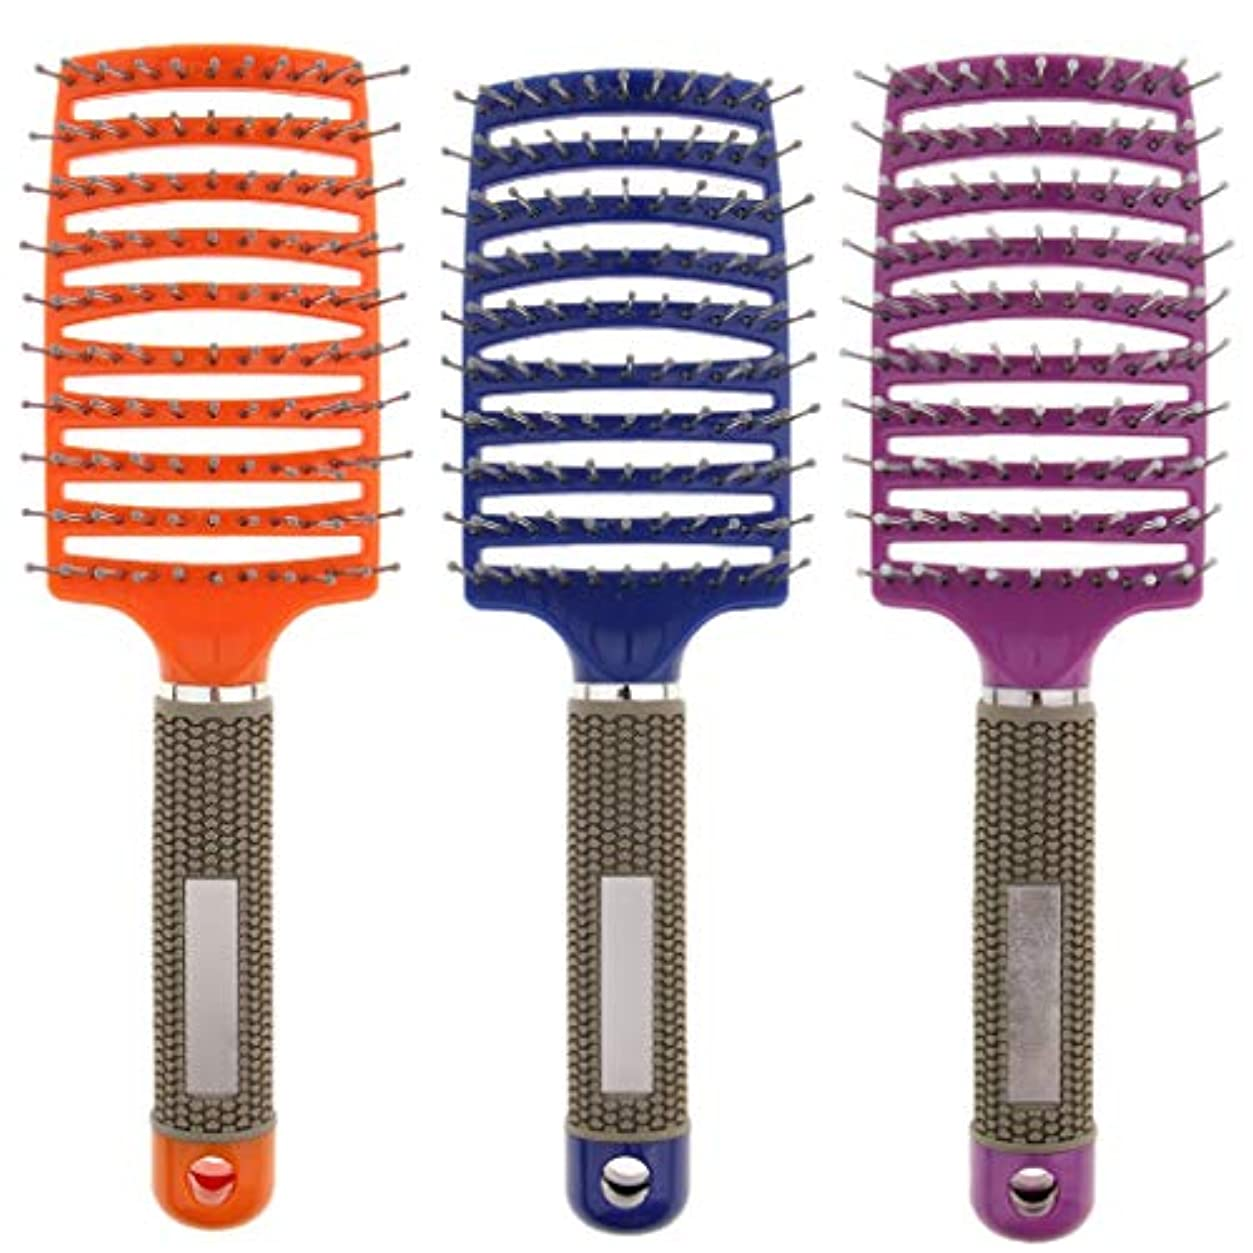 必須熟練した時折B Baosity 3本 ヘアコーム マッサージくし ヘアブラシ 通気櫛 コーム 美髪 ヘアサロン 自宅用